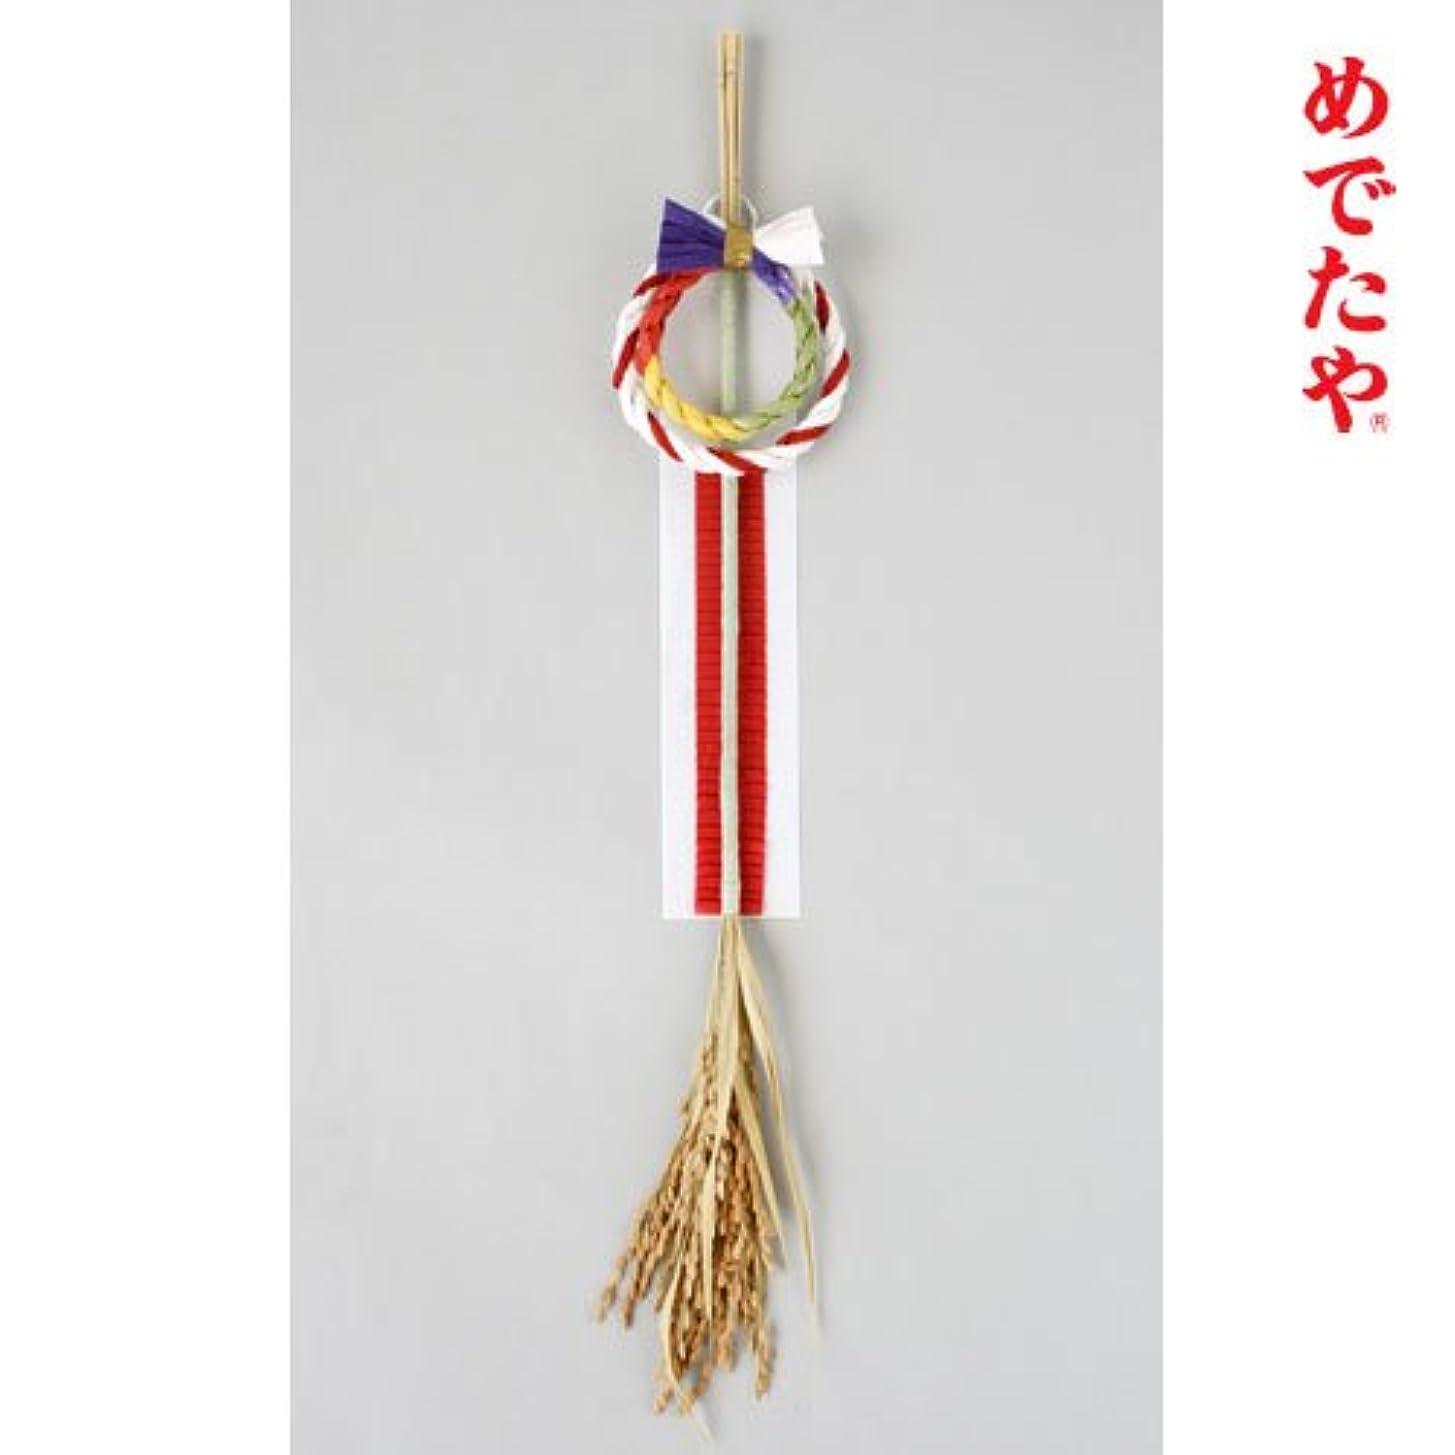 ふざけた知覚するカセット正月飾り いなほ飾り 五色 めでたや New Year's decoration